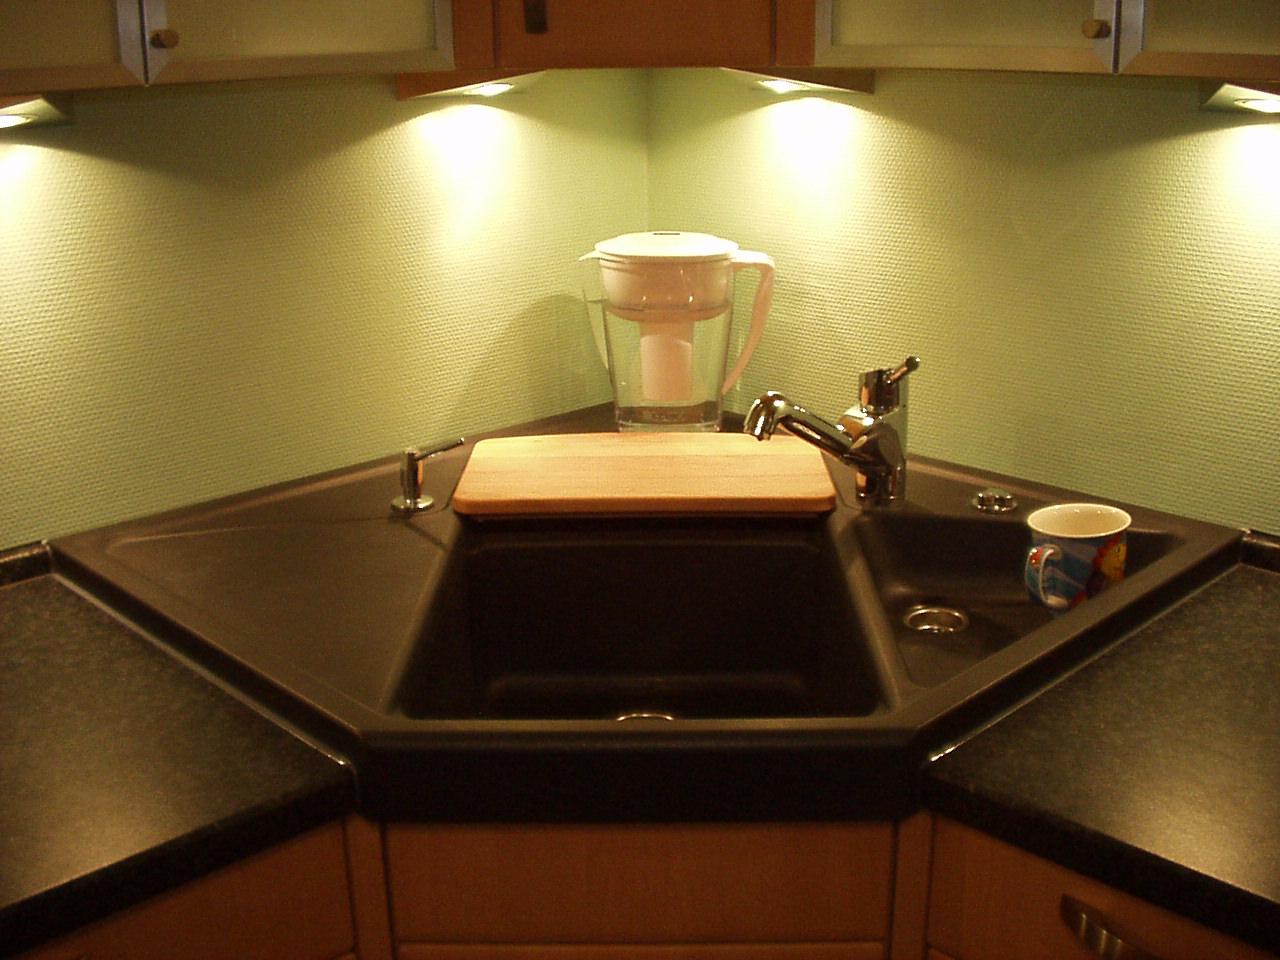 Full Size of Spülbecken Ecke 8 Deckenleuchten Schlafzimmer Lampe Badezimmer Decke Deckenleuchte Waschbecken Bad Deckenlampe Esstisch Deckenstrahler Wohnzimmer Wohnzimmer Spülbecken Ecke